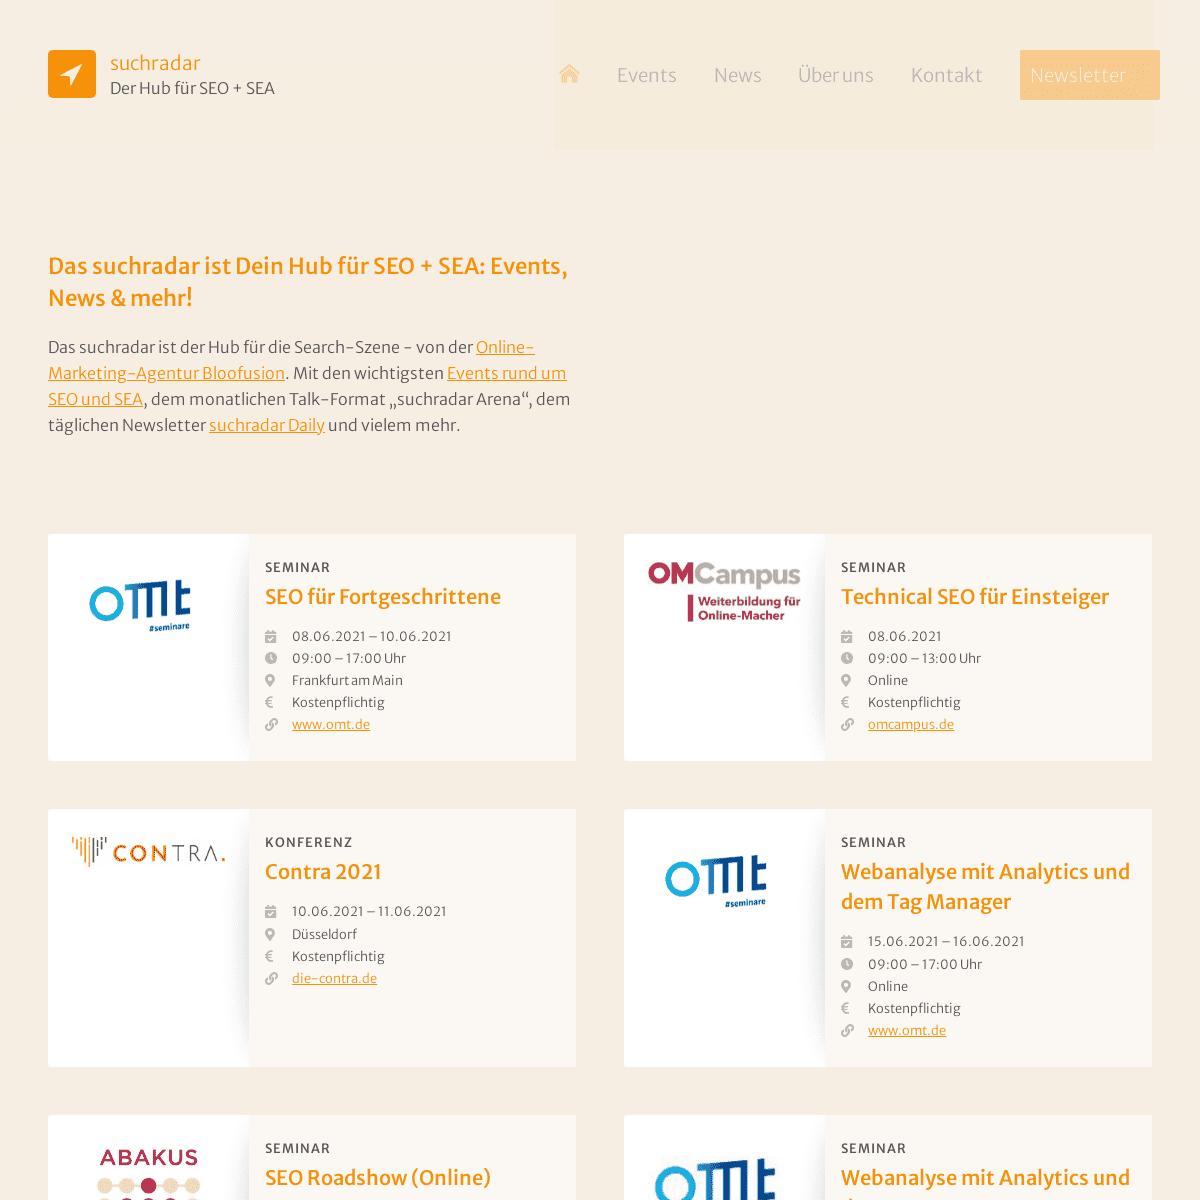 Der Hub für SEO und SEA- Events, News + mehr - suchradar